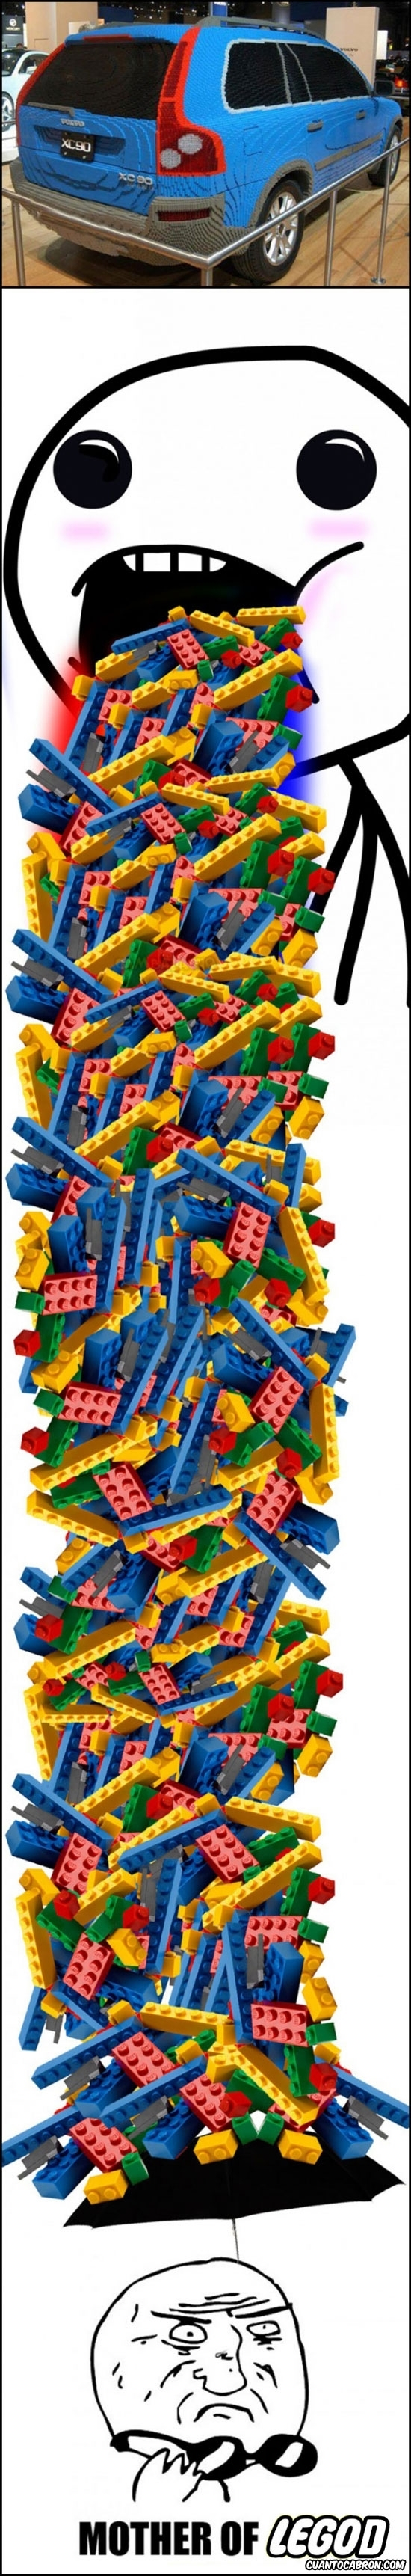 Mother_of_god - Puke Lego